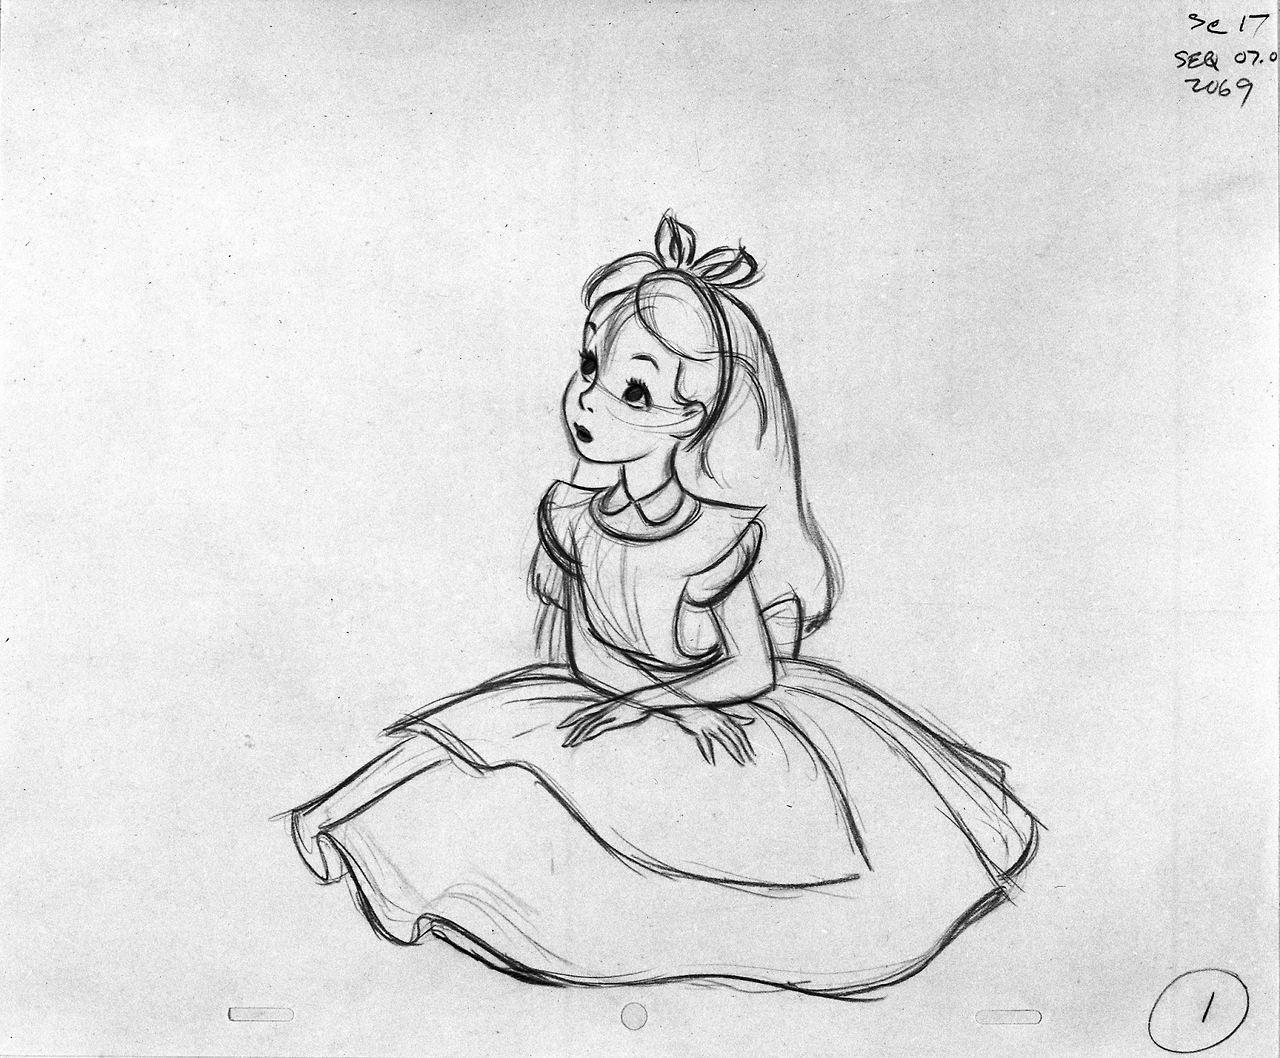 Alice in Wonderland - Milt Kahl | Milt Kahl | Pinterest ...